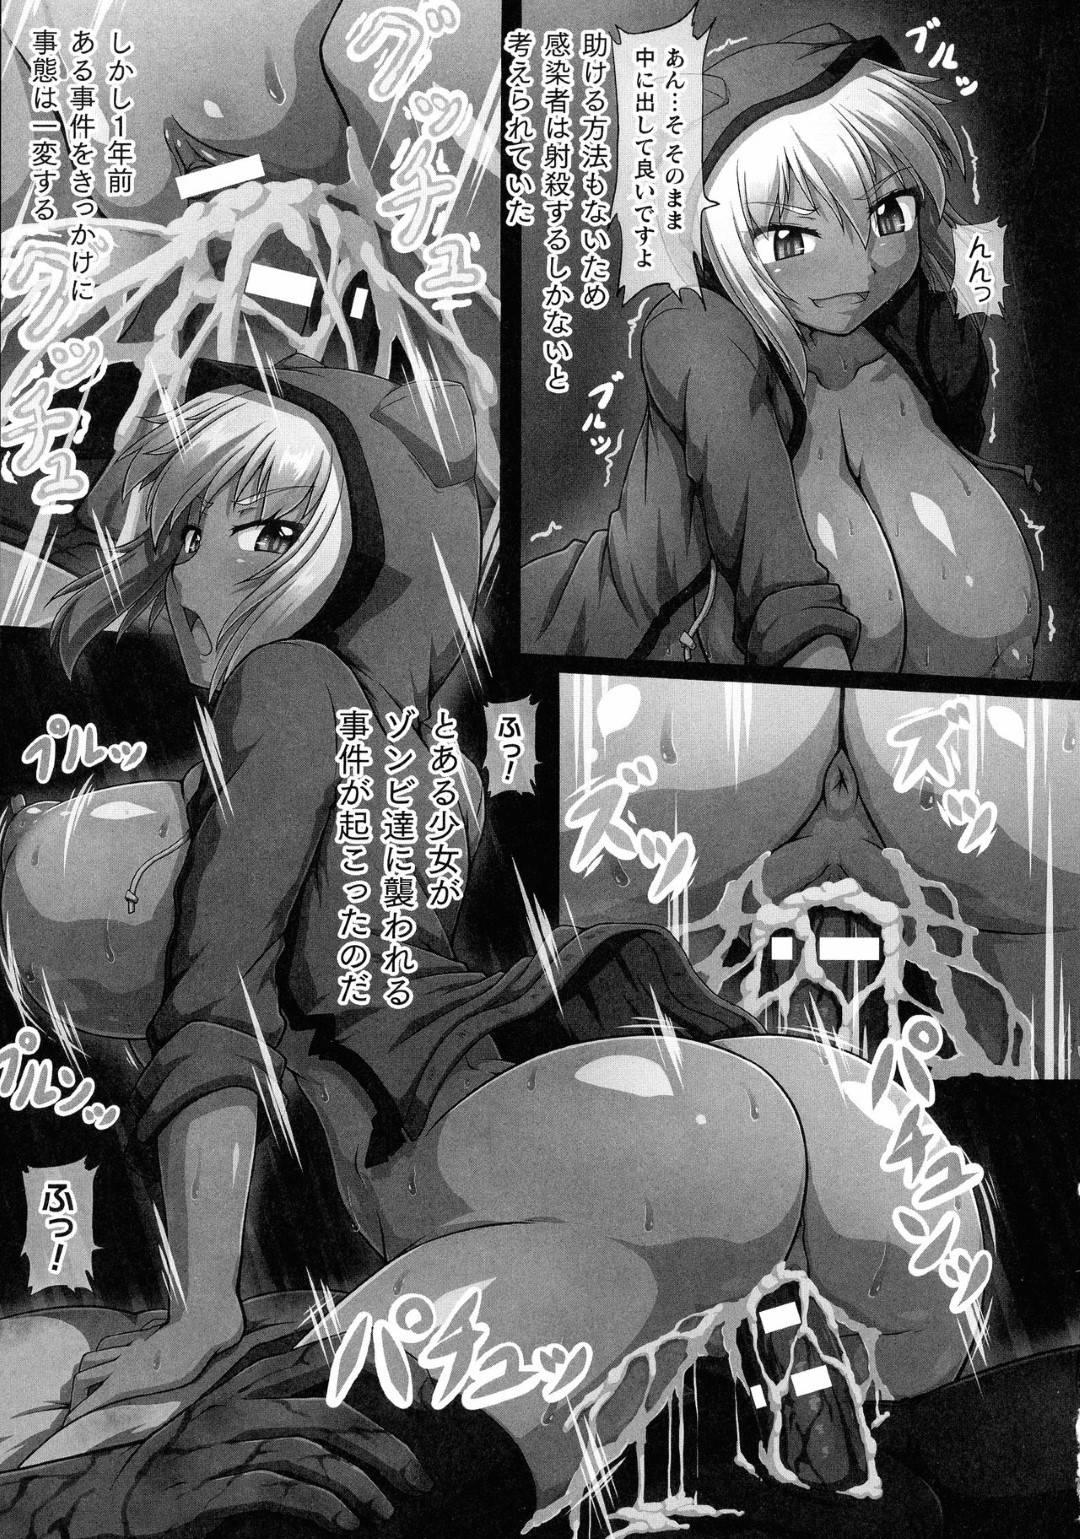 【褐色美少女ゾンビエロ漫画】パンデミック状態の中、ゾンビにレイプされナキビトとなってしまった褐色美少女は、特殊な能力を利用しゾンビと中出しセックスしまくる【taro】